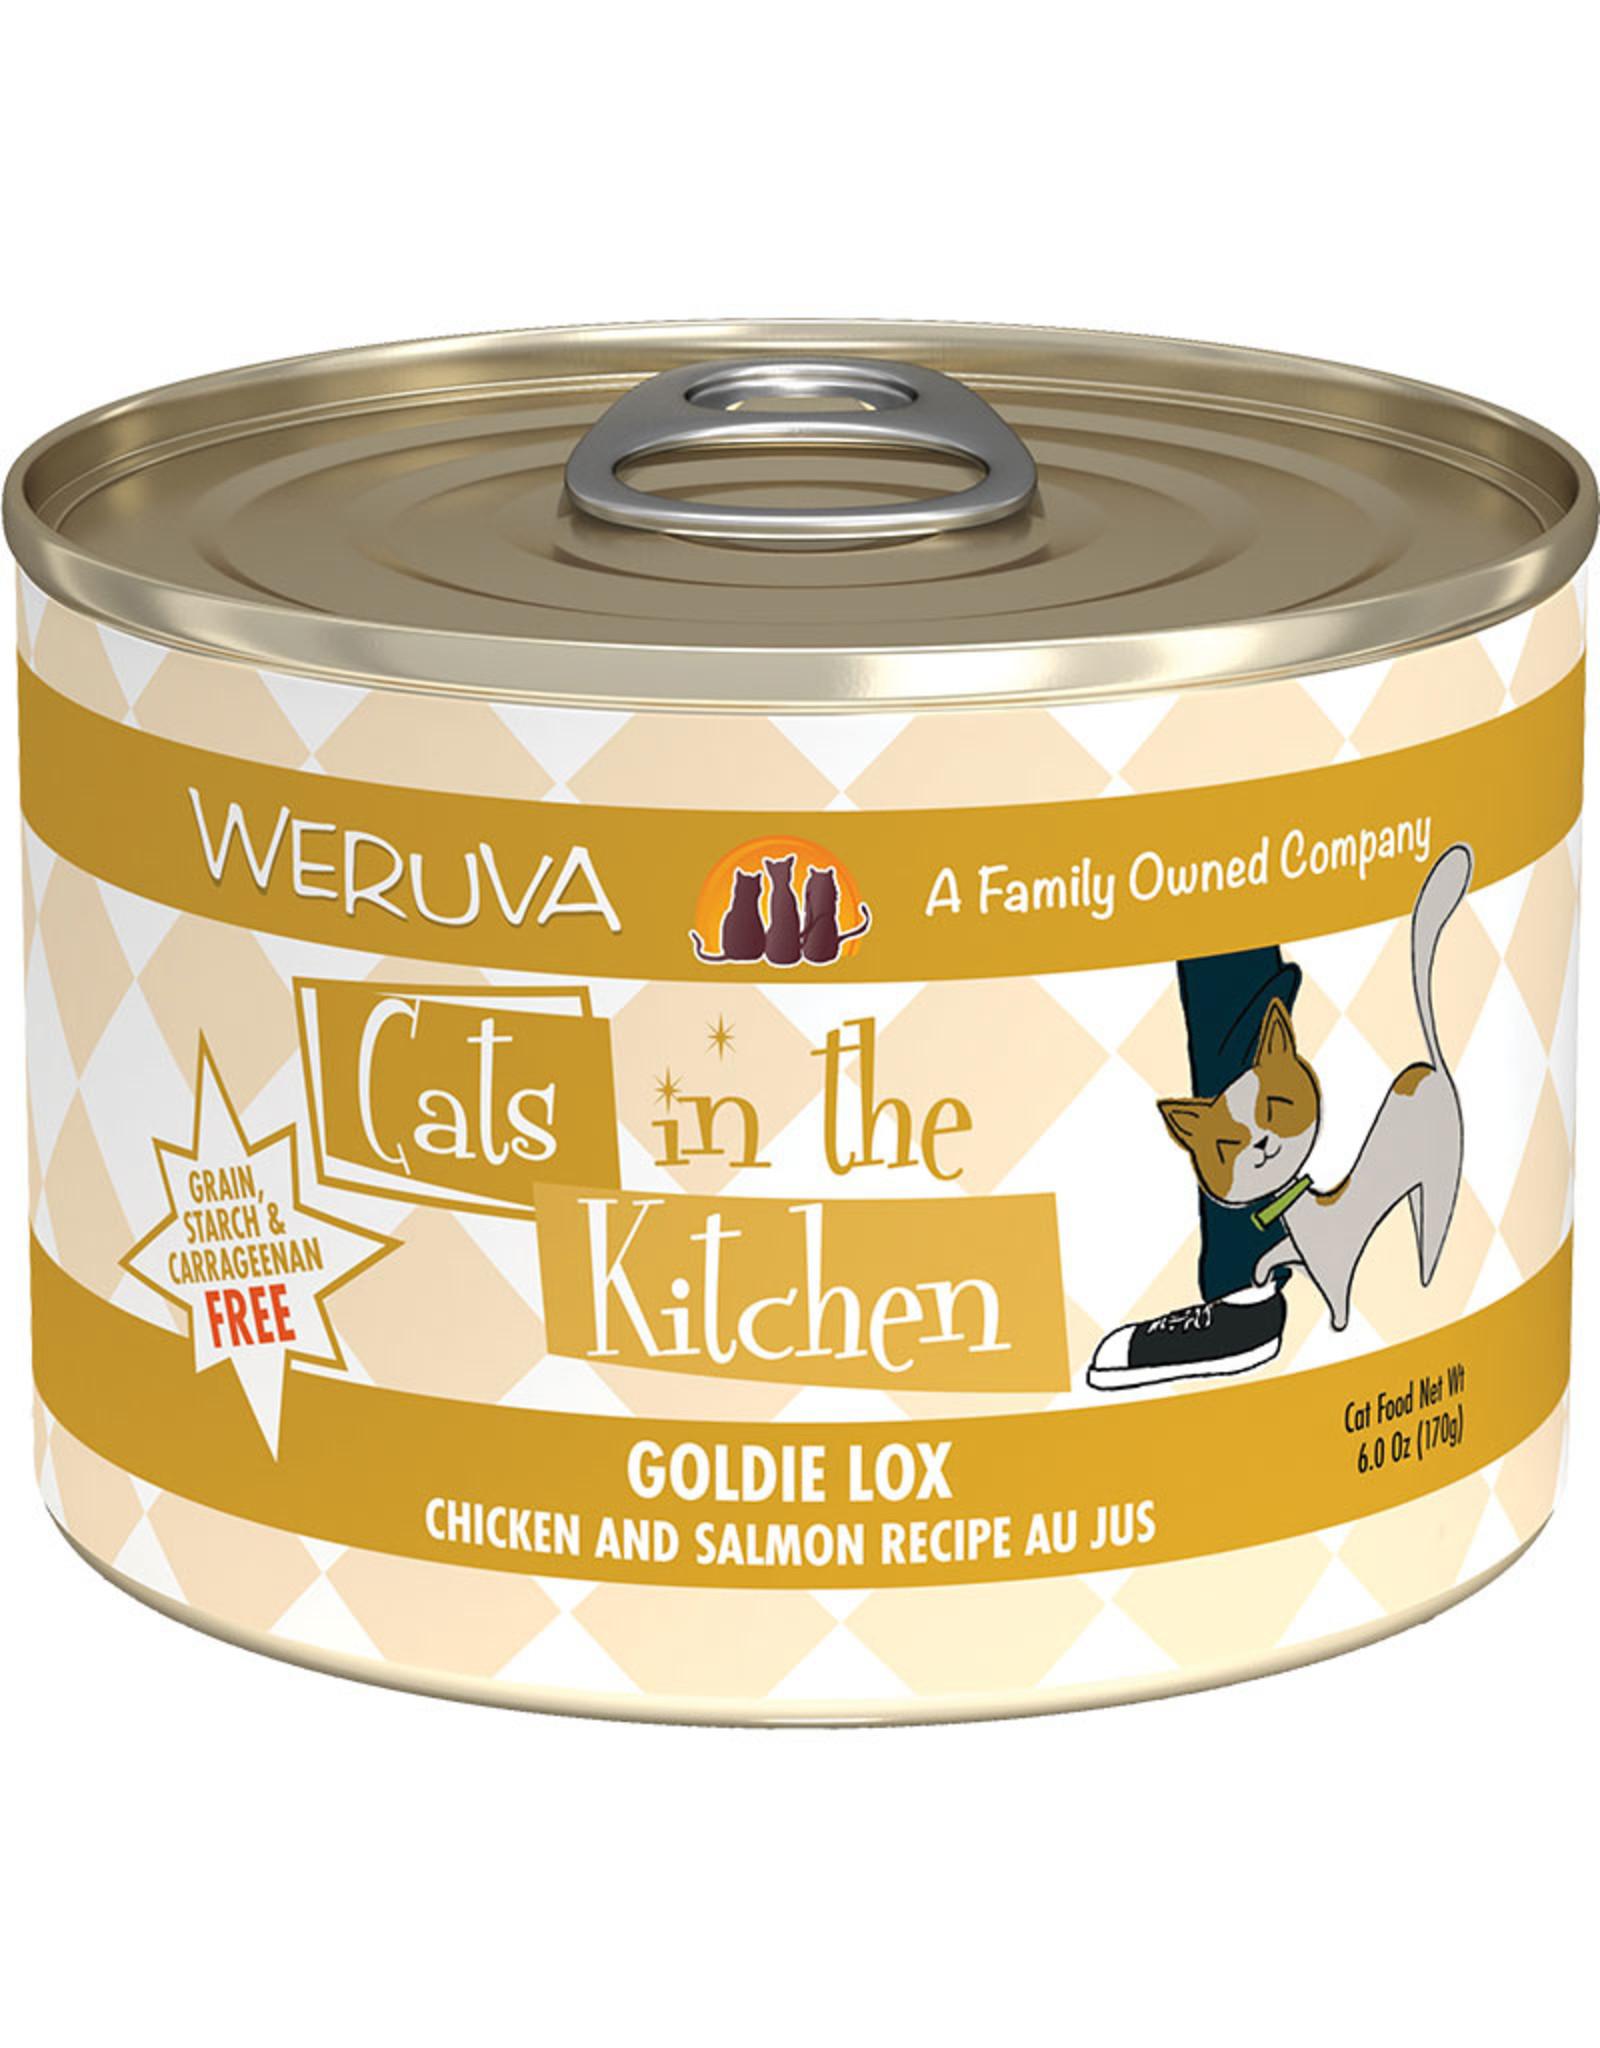 Weruva Weruva Cats in the Kitchen Goldie Lox Chicken & Salmon Recipe Au Jus Cat Food 6oz